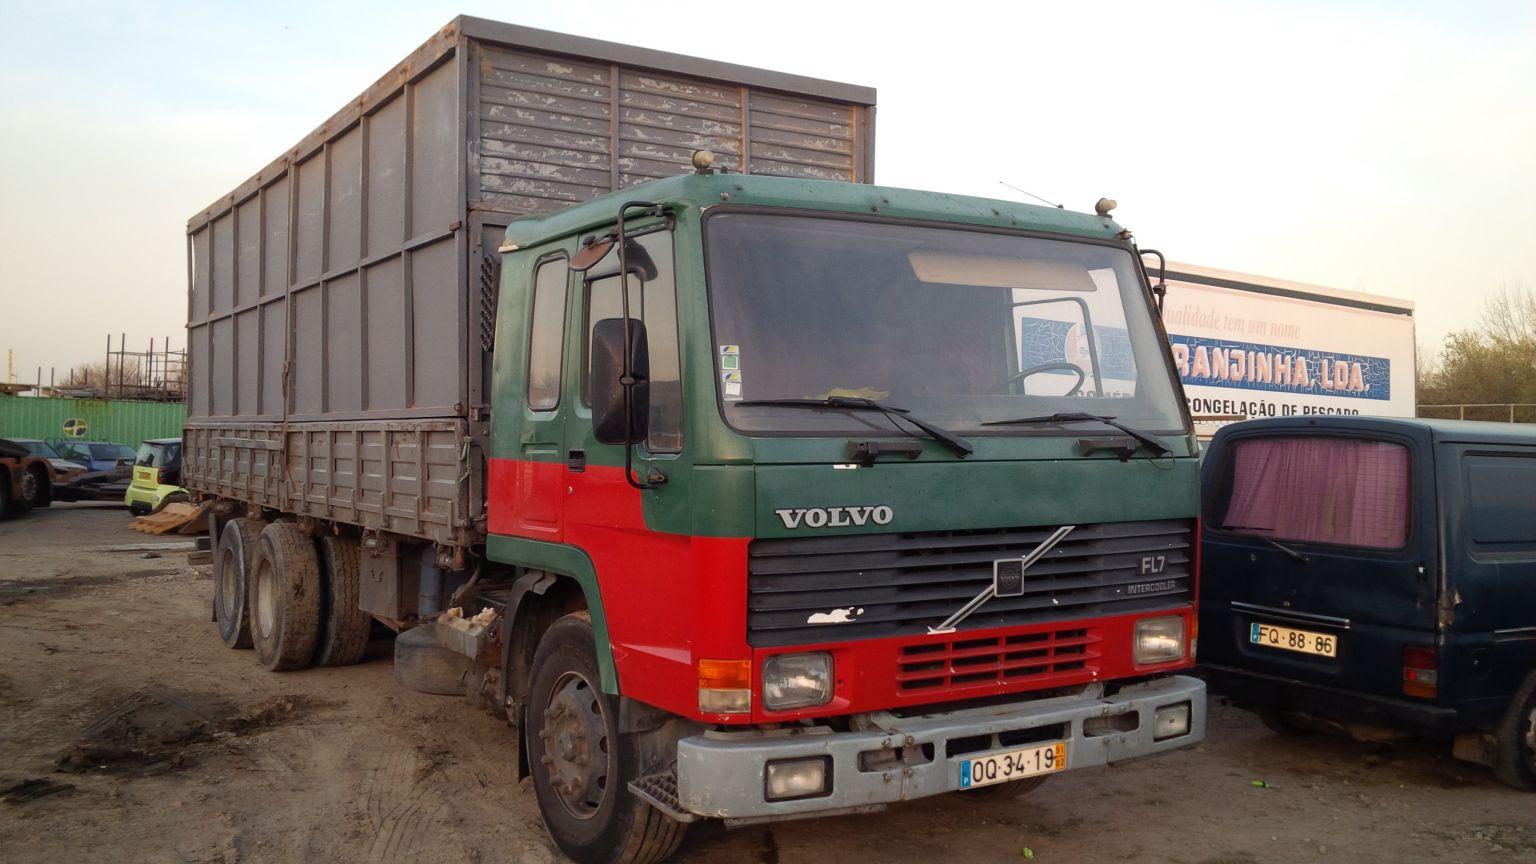 LHD Volvo FL7 26 Ton